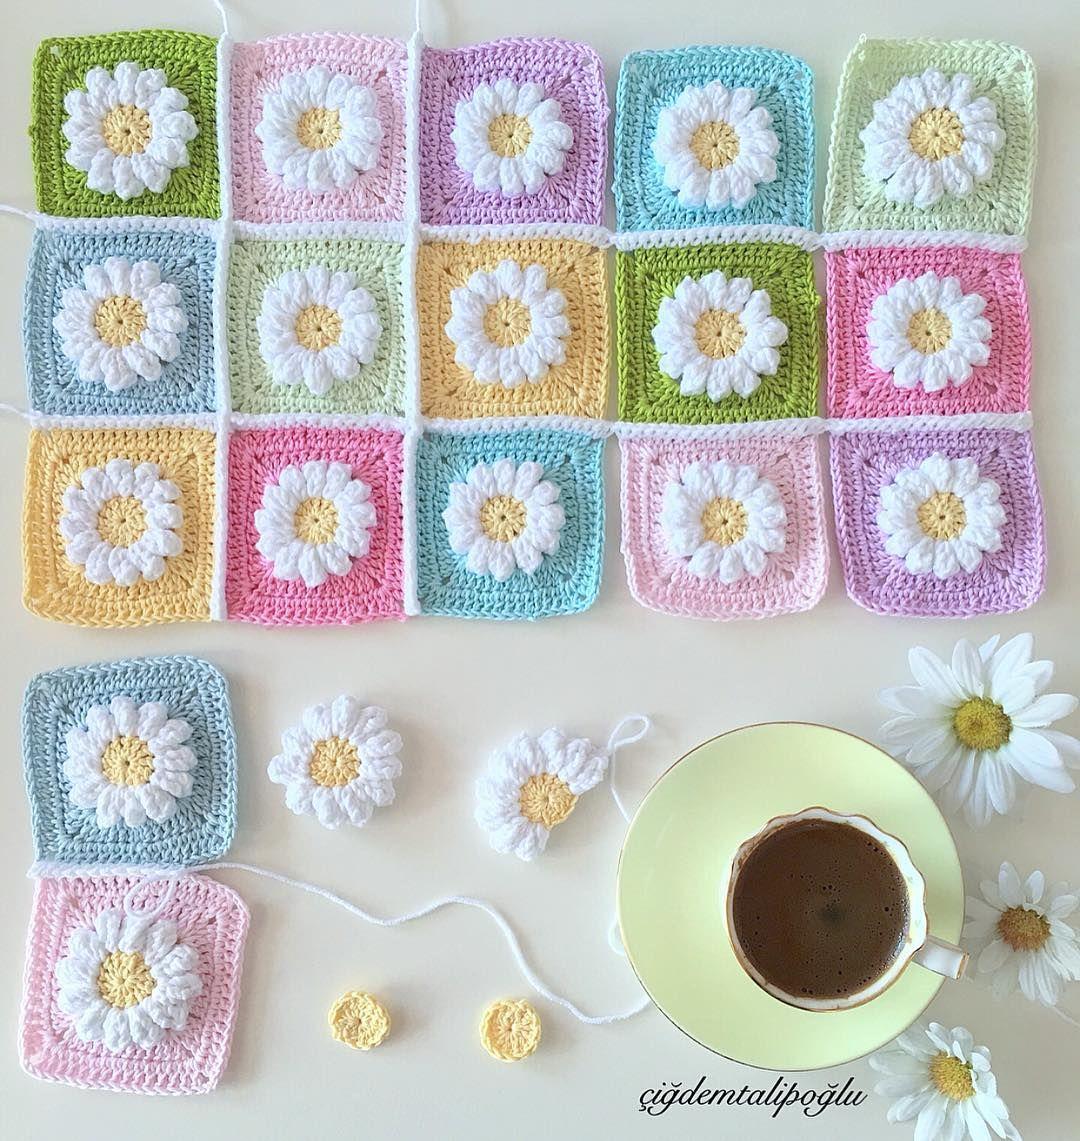 Yeni Haftanin Yeni Modeli Papatya Modeli Ayrica Motif Birlestirmeyi Ve Kirlentlerin Arkasini Nasil Yaptigima Da Crochet Wool Crochet Daisy Crochet Crafts